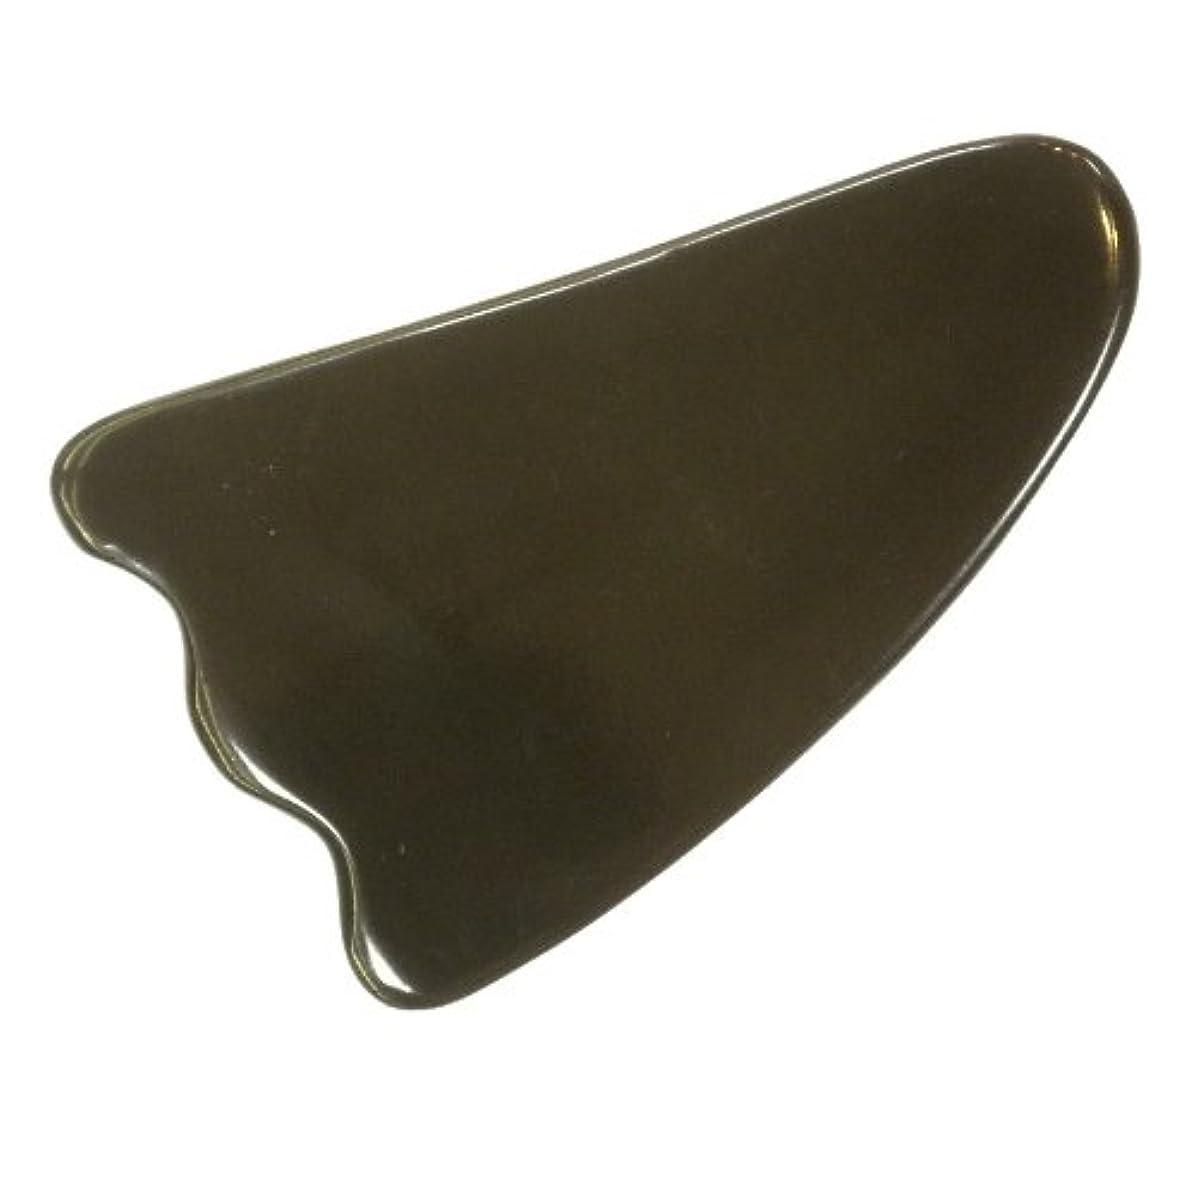 人道的スポーツの試合を担当している人タフかっさ プレート 厚さが選べる 水牛の角(黒水牛角) EHE213SP 羽根型 特級品 厚め(7ミリ程度)